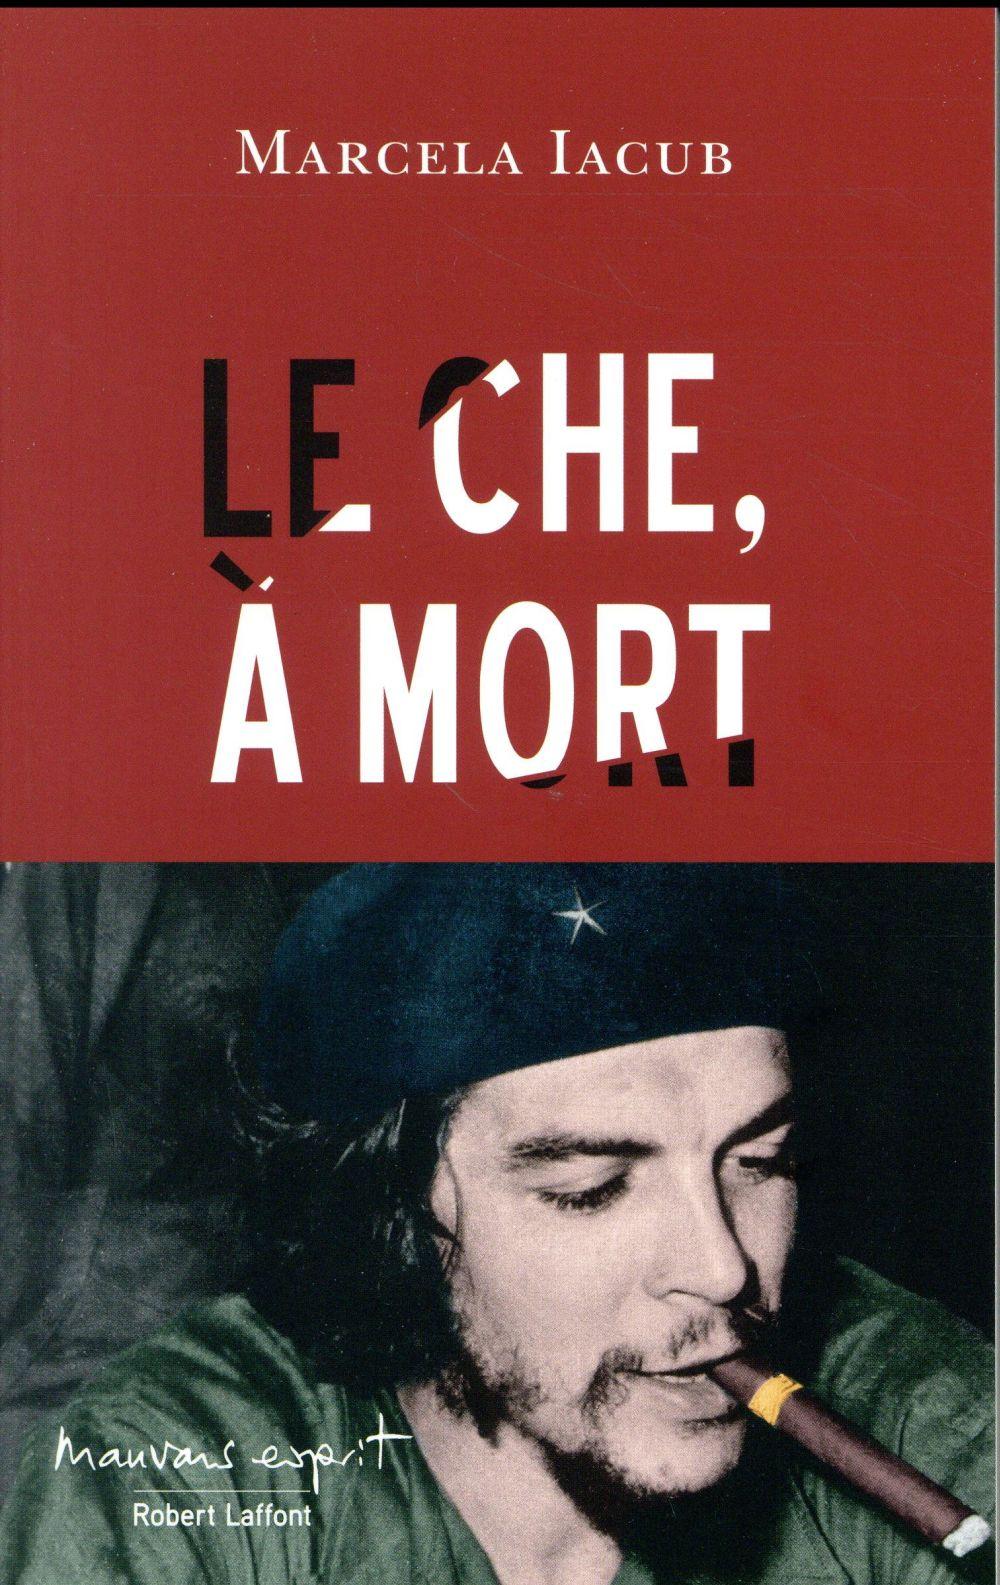 LE CHE, A MORT